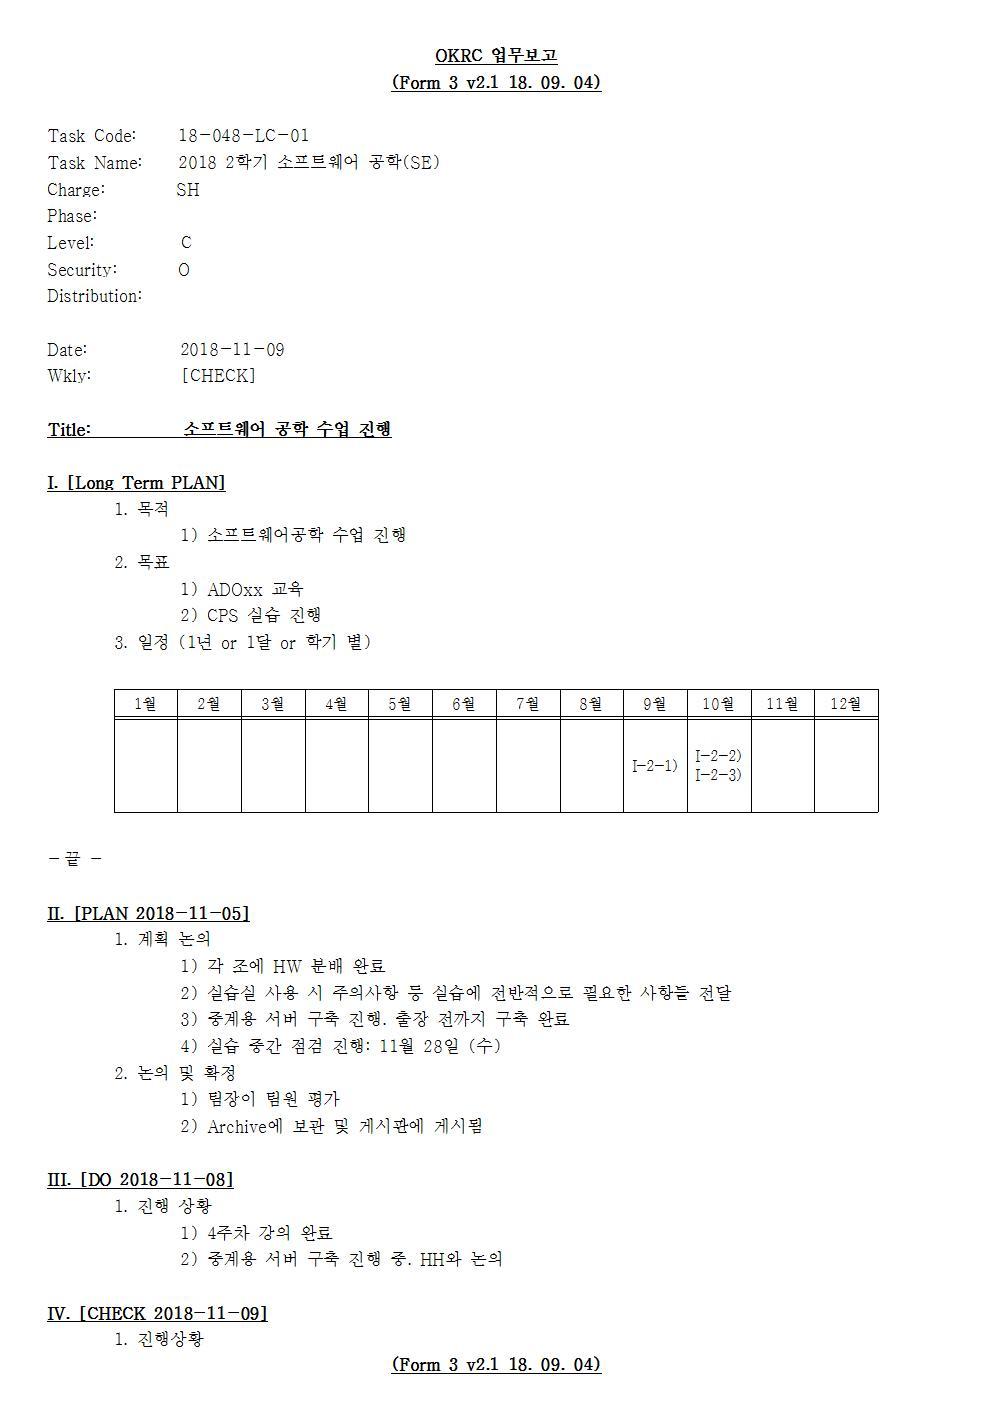 D-[18-048-LC-01]-[SE]-[2018-11-09][SH]001.jpg